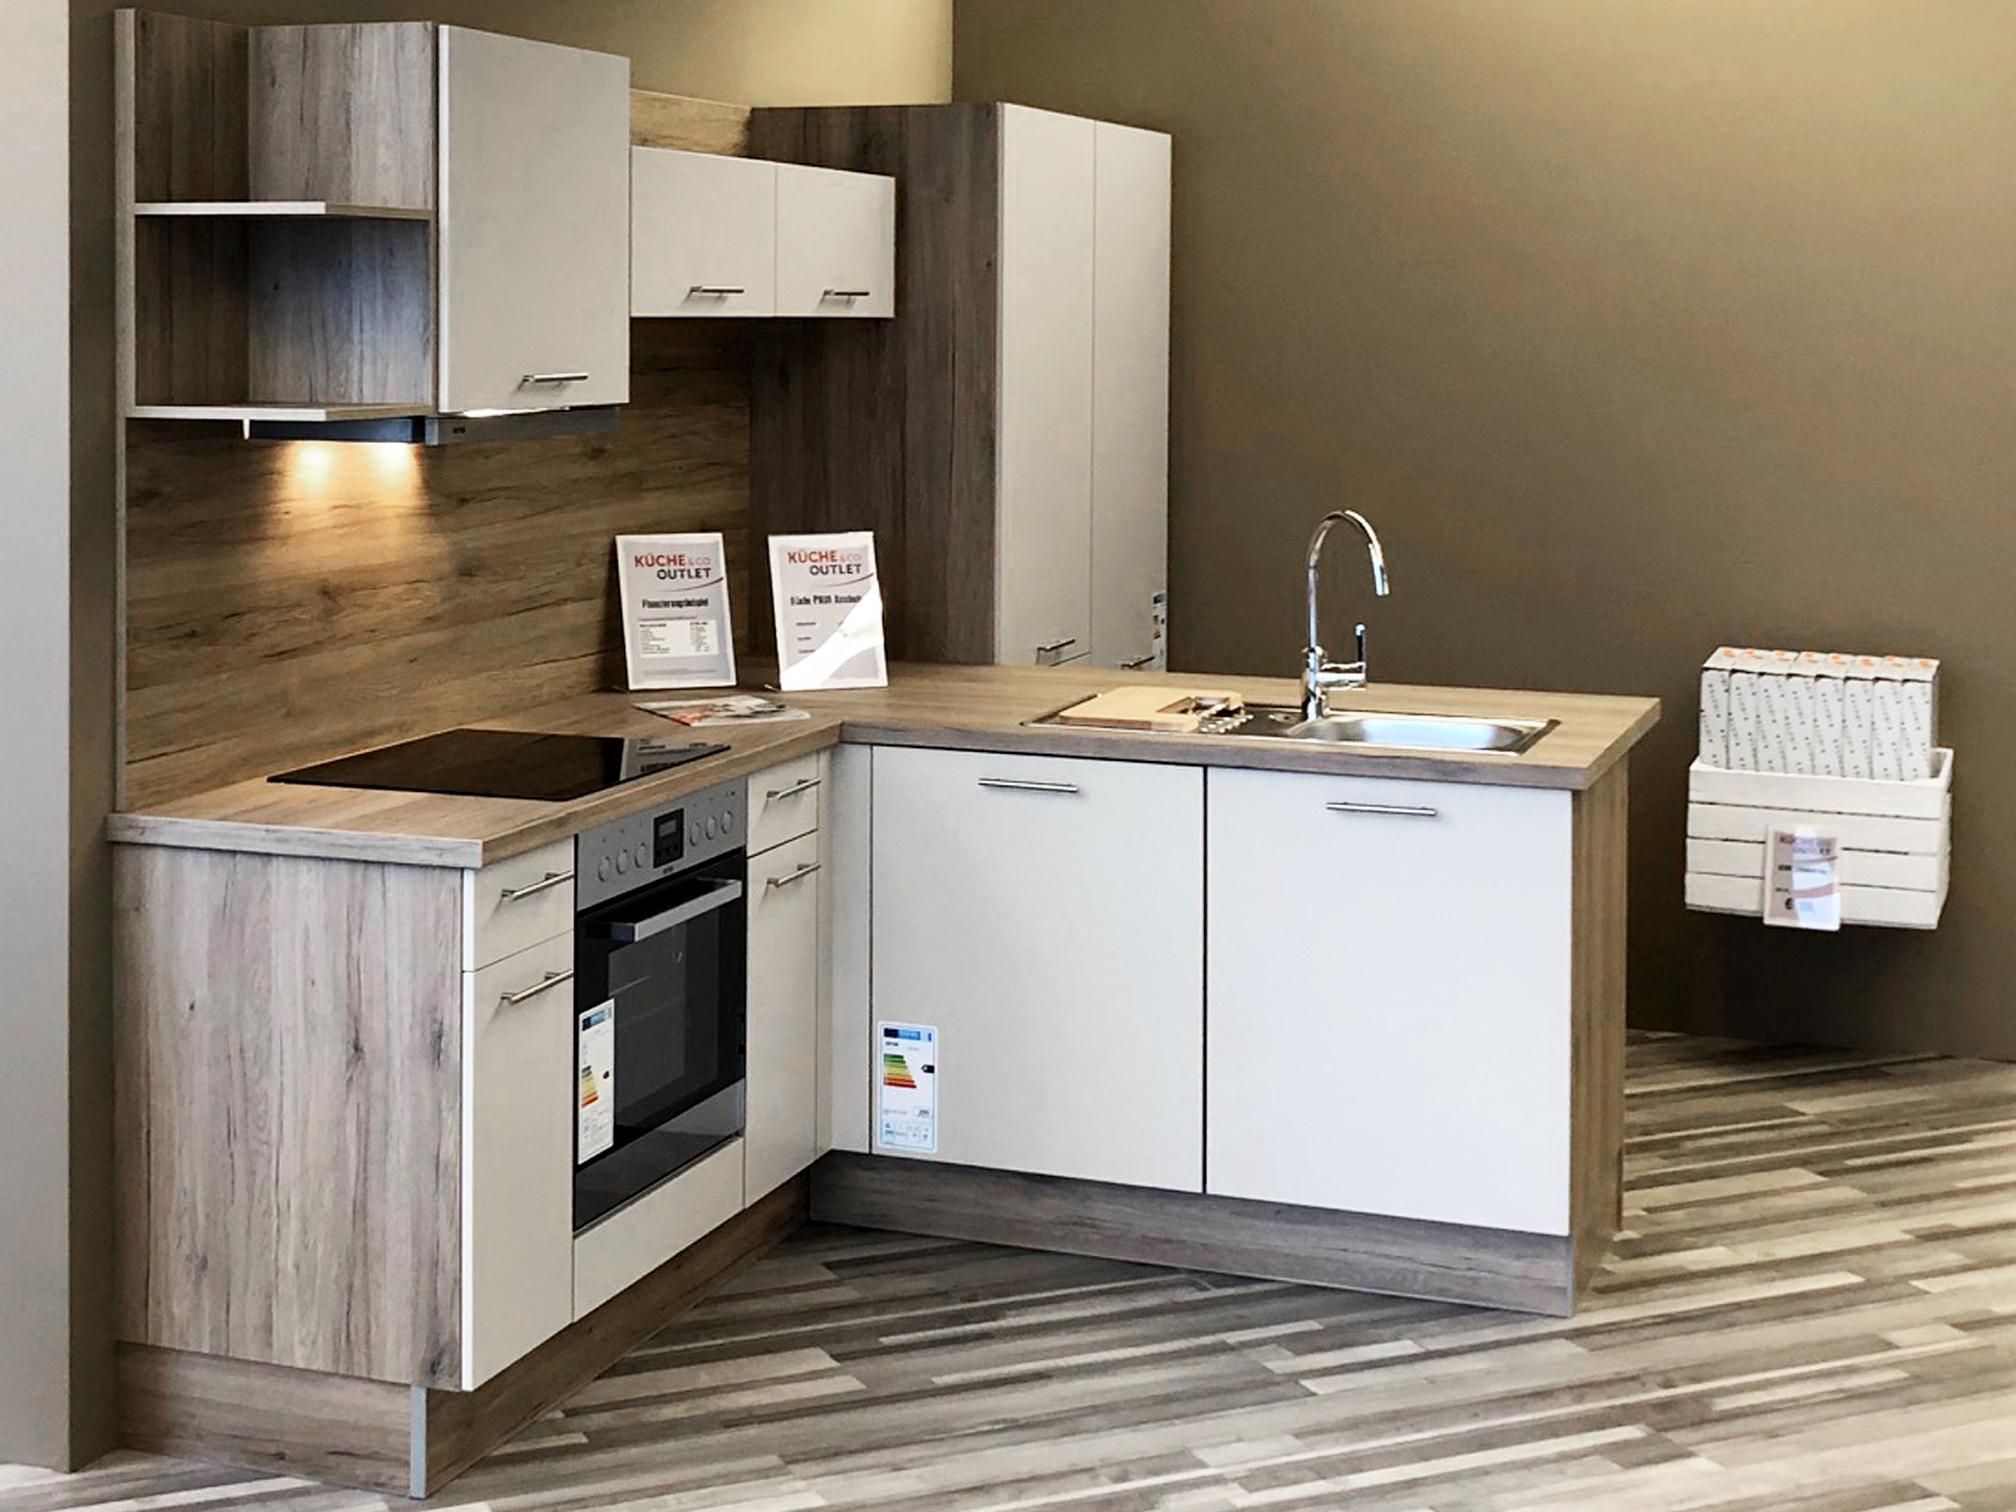 Küchenstudio Outlet Holzminden » Küchen kaufen - Küche&Co